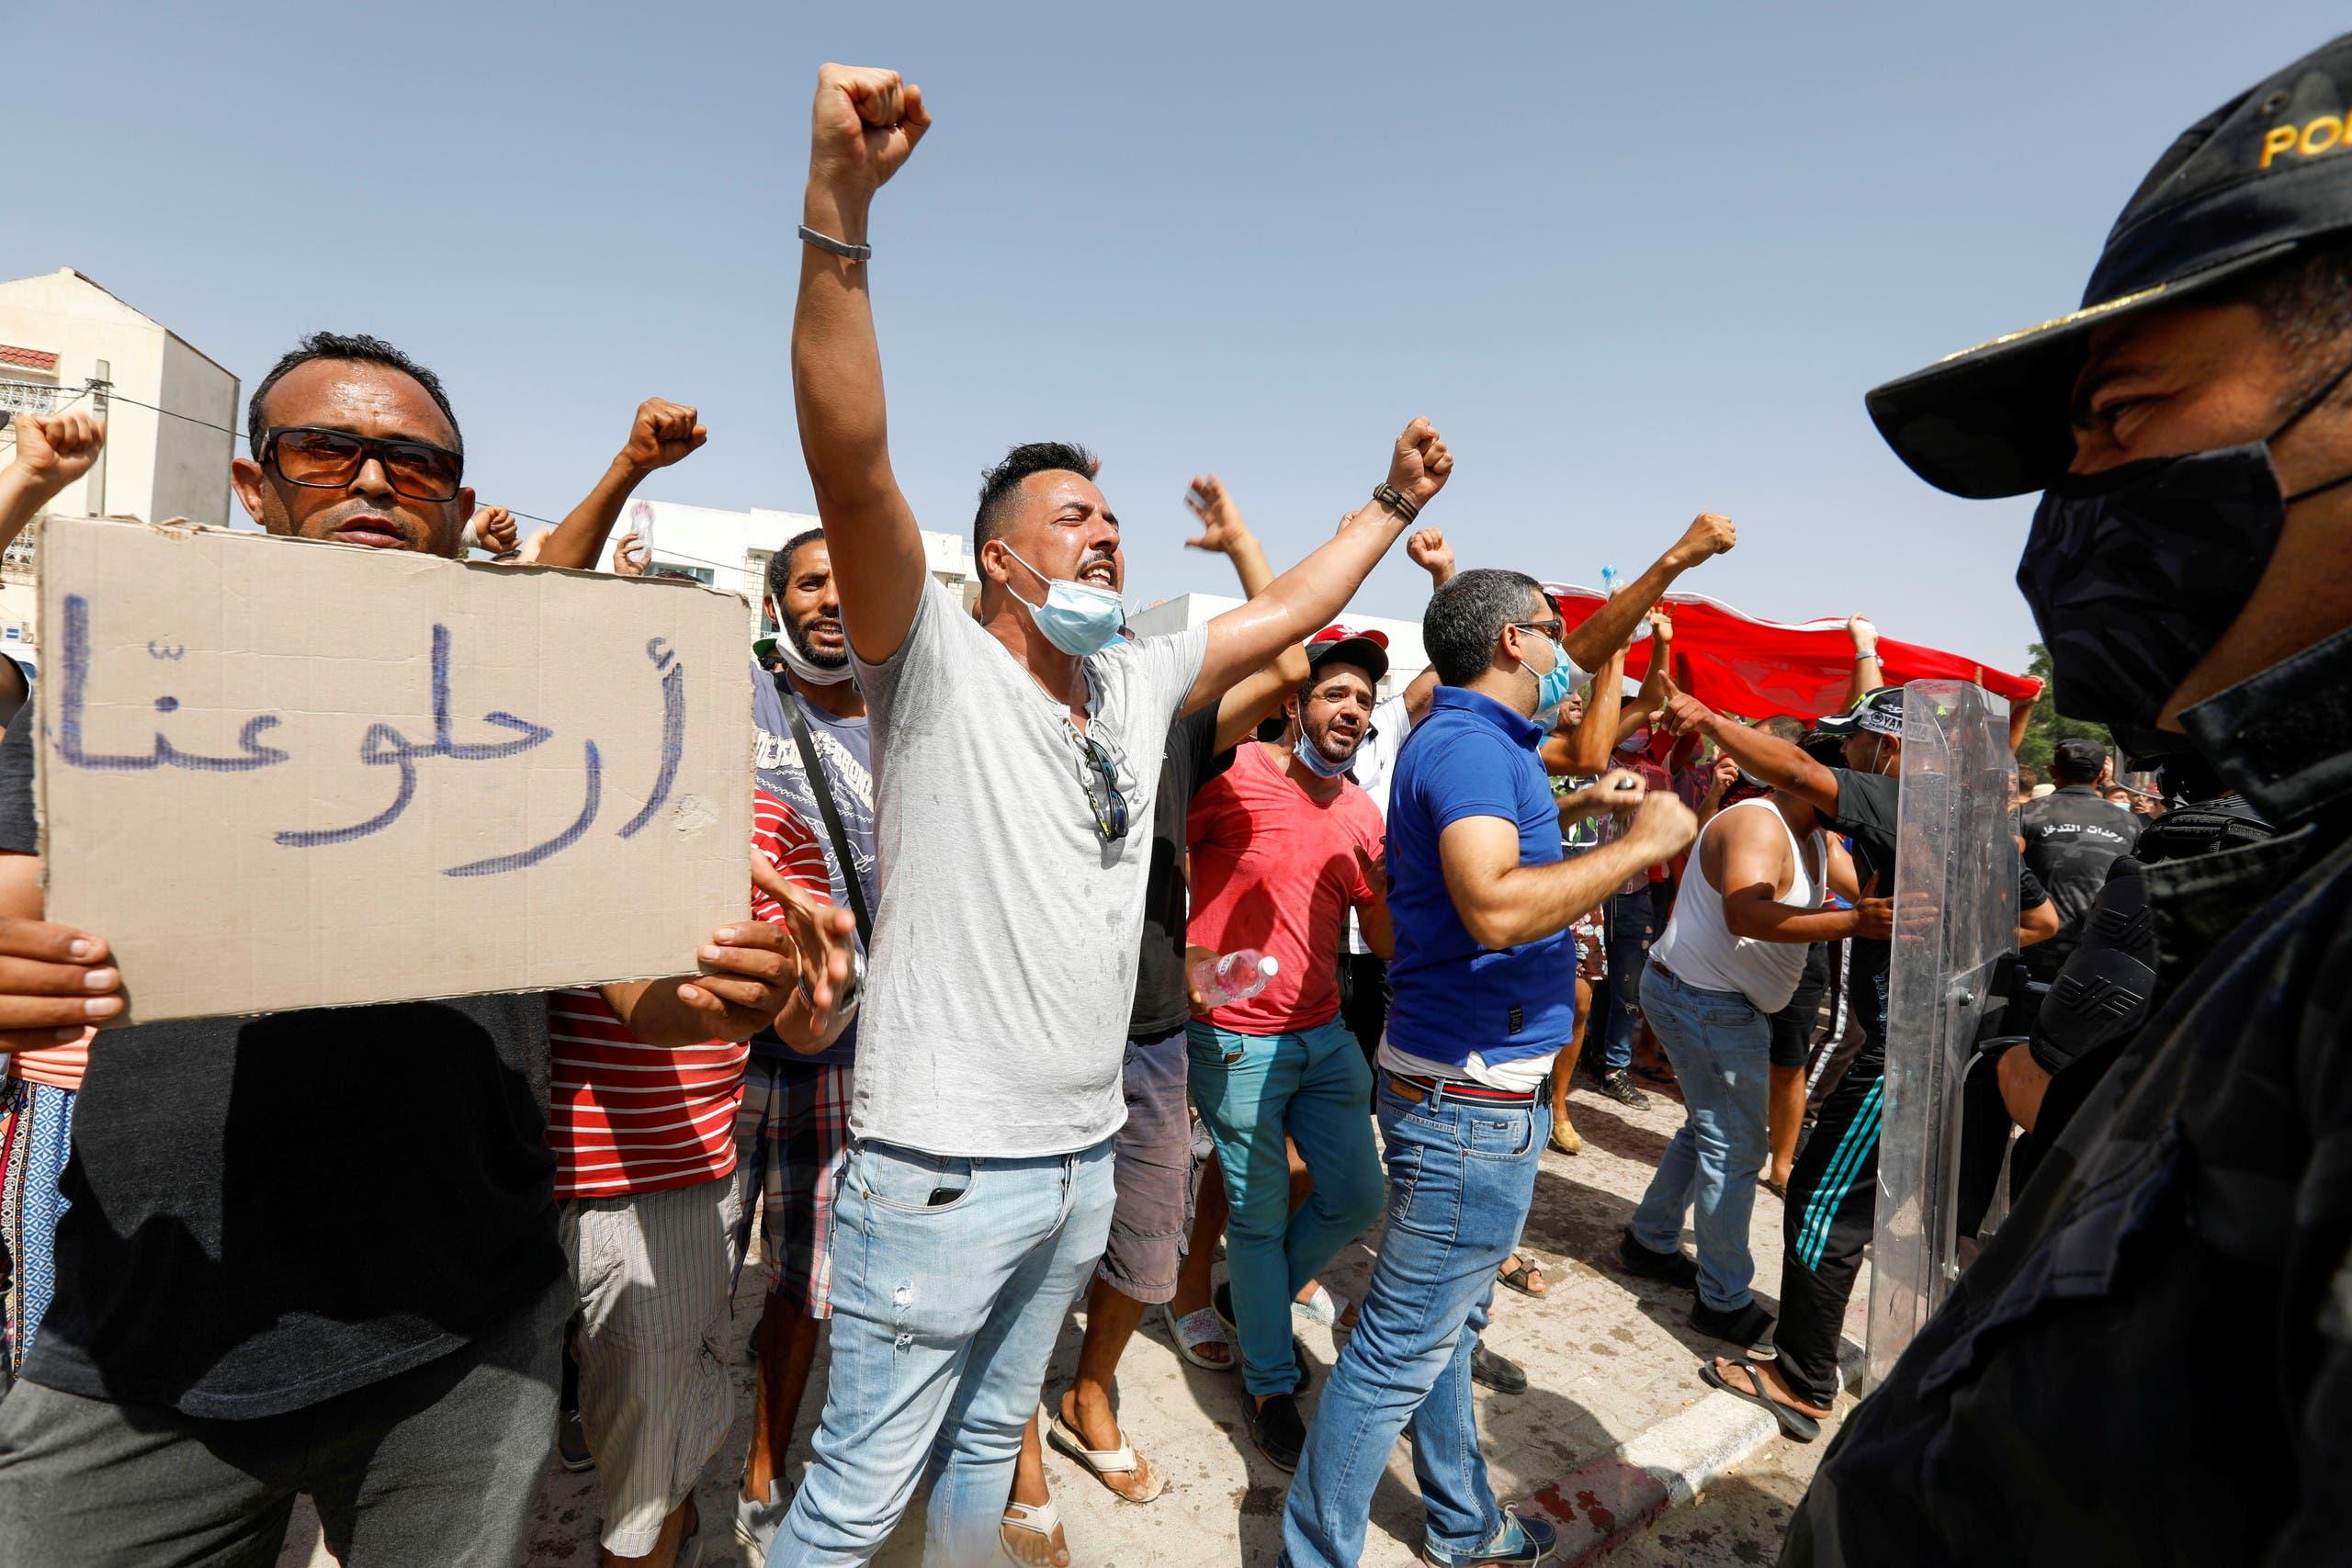 مناصرون لقرارات سعيد يعبرون عن فرحتهم في الشارع بتونس